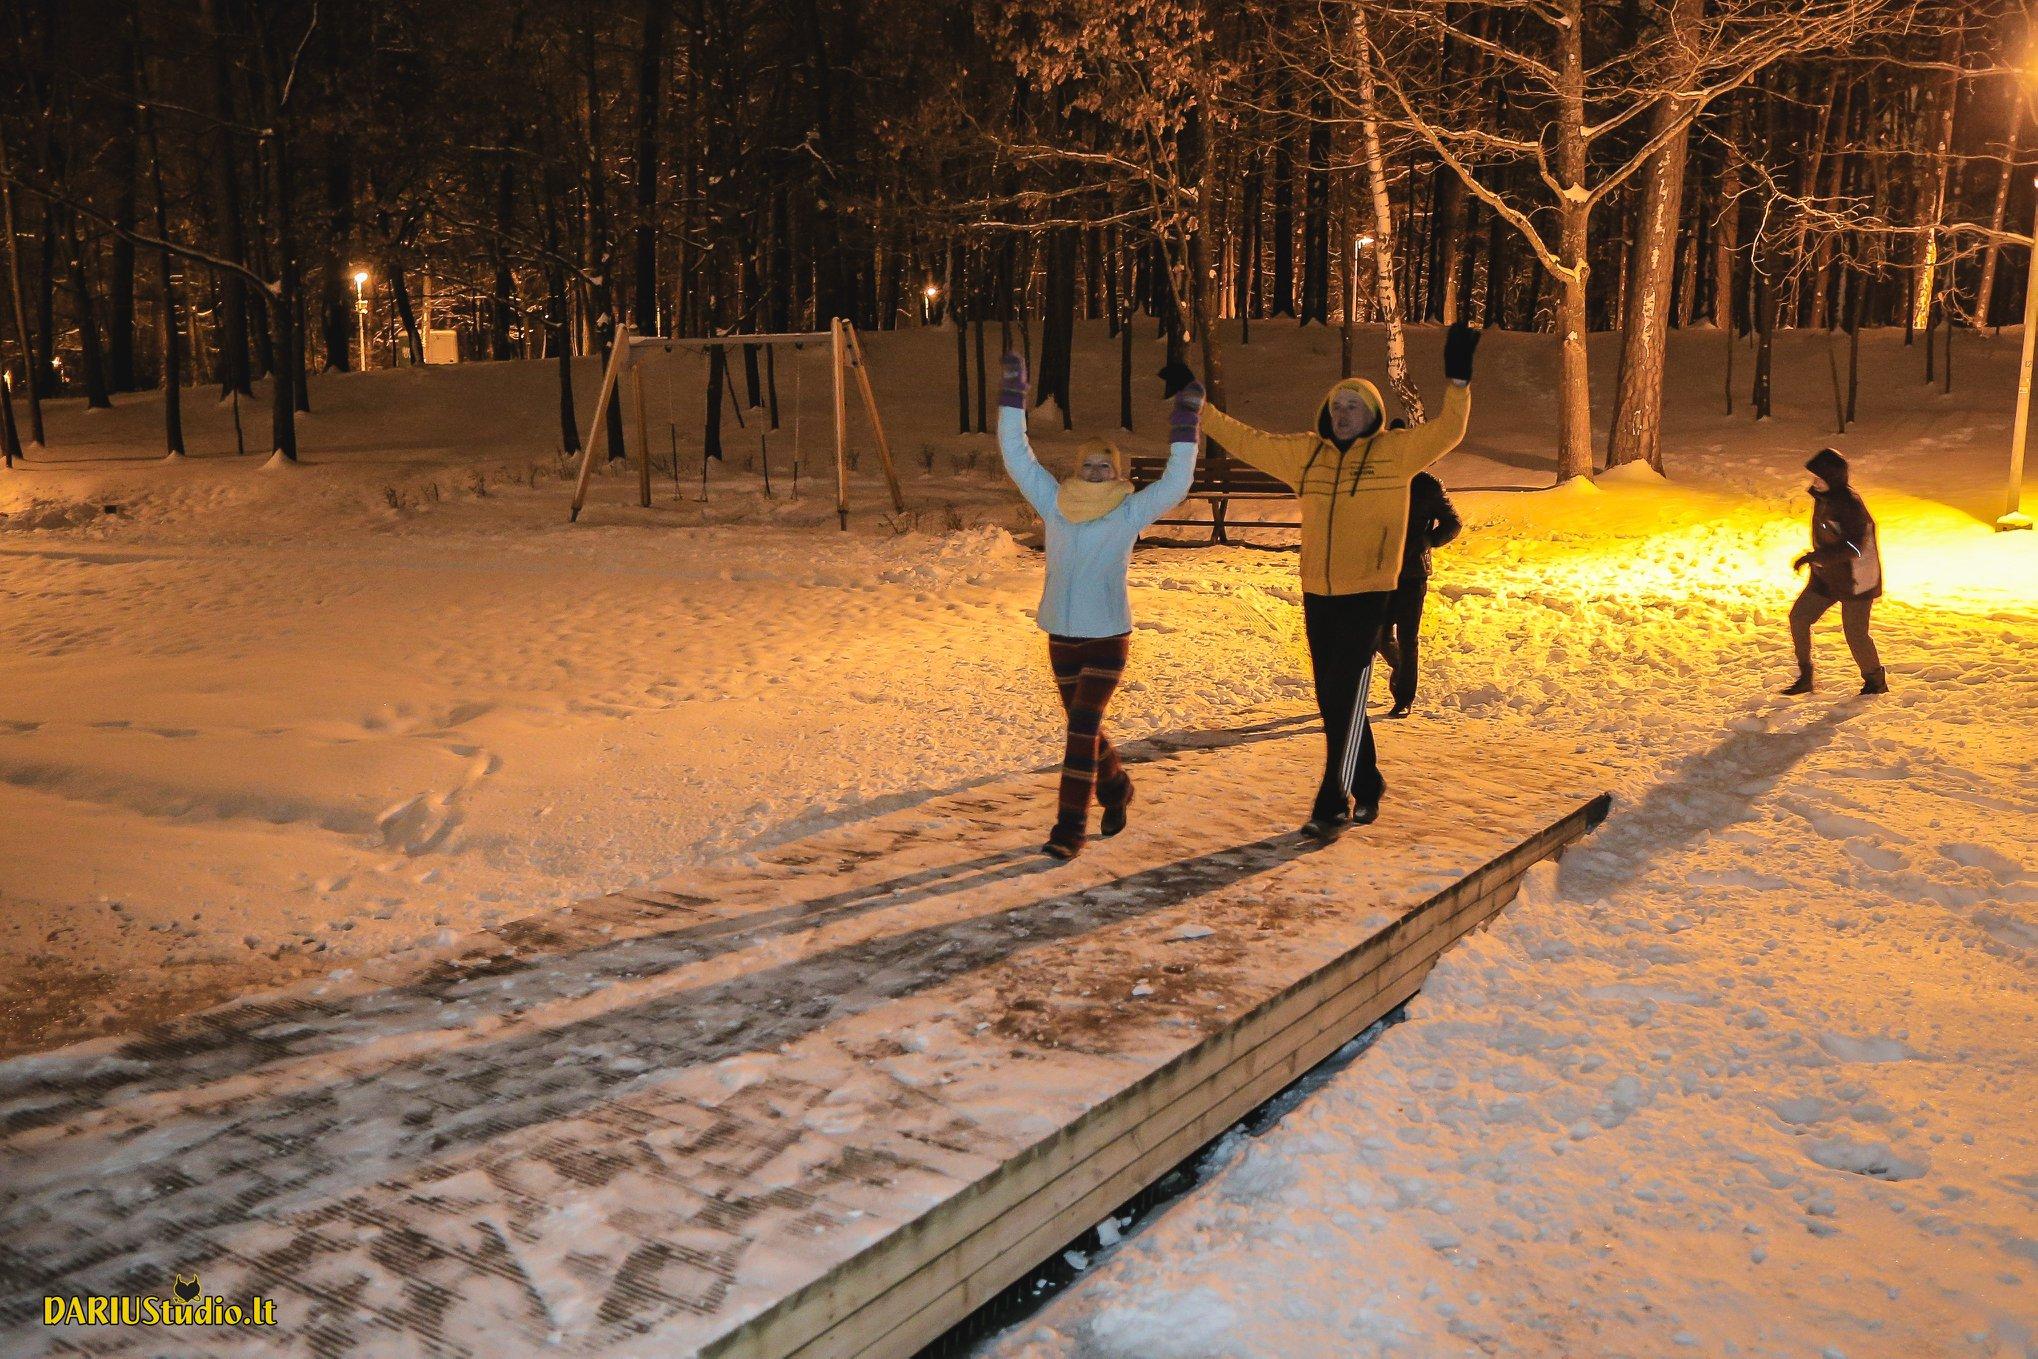 Maudynės žiemą po atviru dangumi – kenkia ar grūdina? | DARIUStudio.lt nuotr.